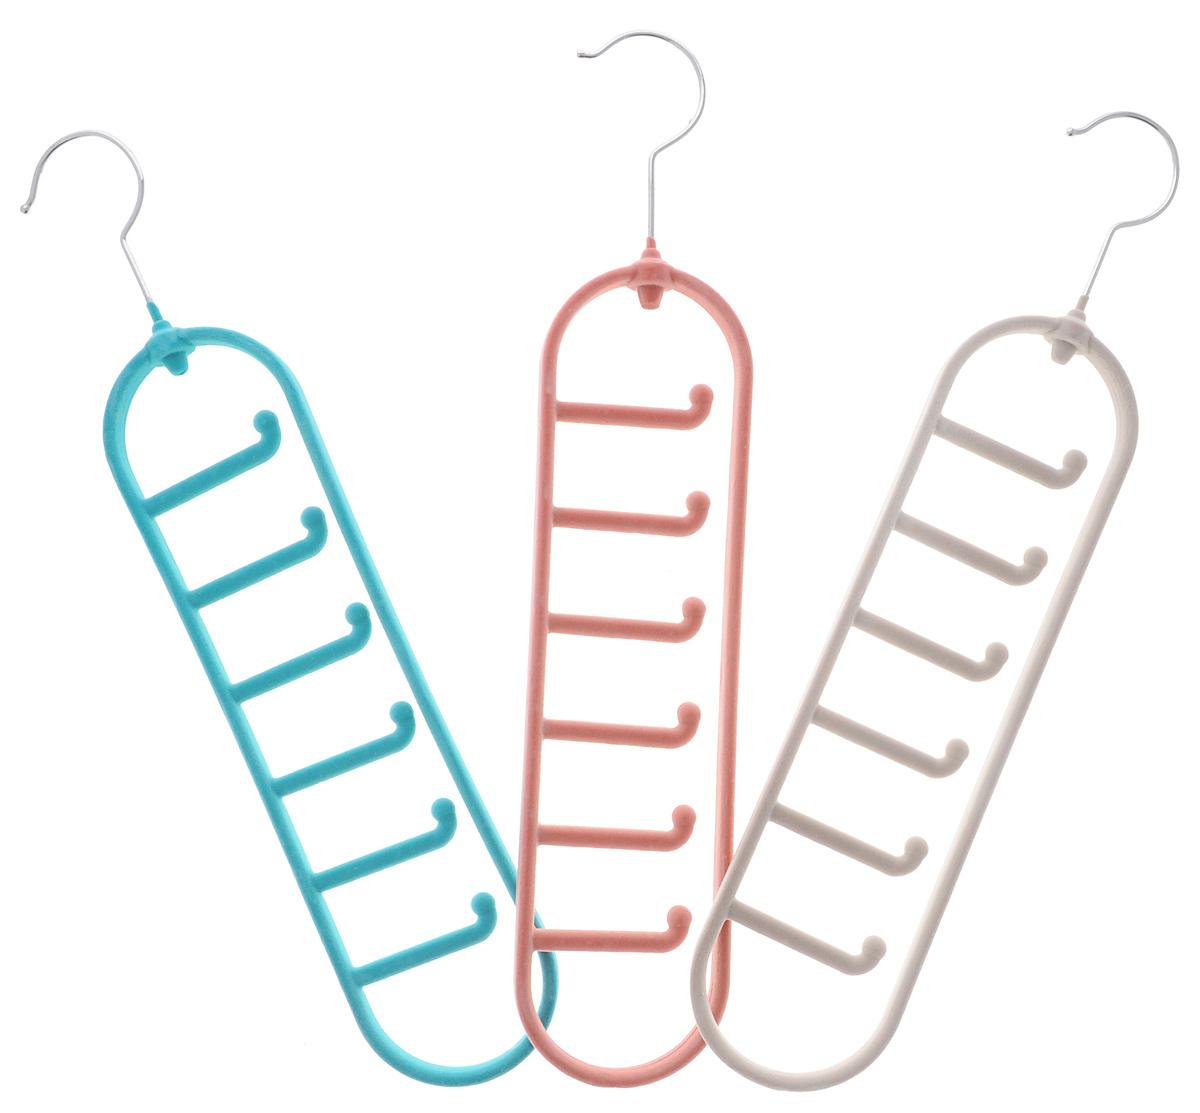 Набор вешалок для аксессуаров El Casa, цвет: бирюзовый, темно-розовый, светло-серый, 3 шт150051Набор разноцветных вешалок El Casa, изготовленный из пластика, имеет велюровое антискользящее покрытие. Благодаря легкому и прочному каркасу изделия идеально подходят для галстуков и ремней. Вешалка - это незаменимая вещь для того, чтобы ваша одежда всегда оставалась в хорошем состоянии. Комплектация: 3 шт. Размер вешалки: 41 см х 8 см х 1,5 см.